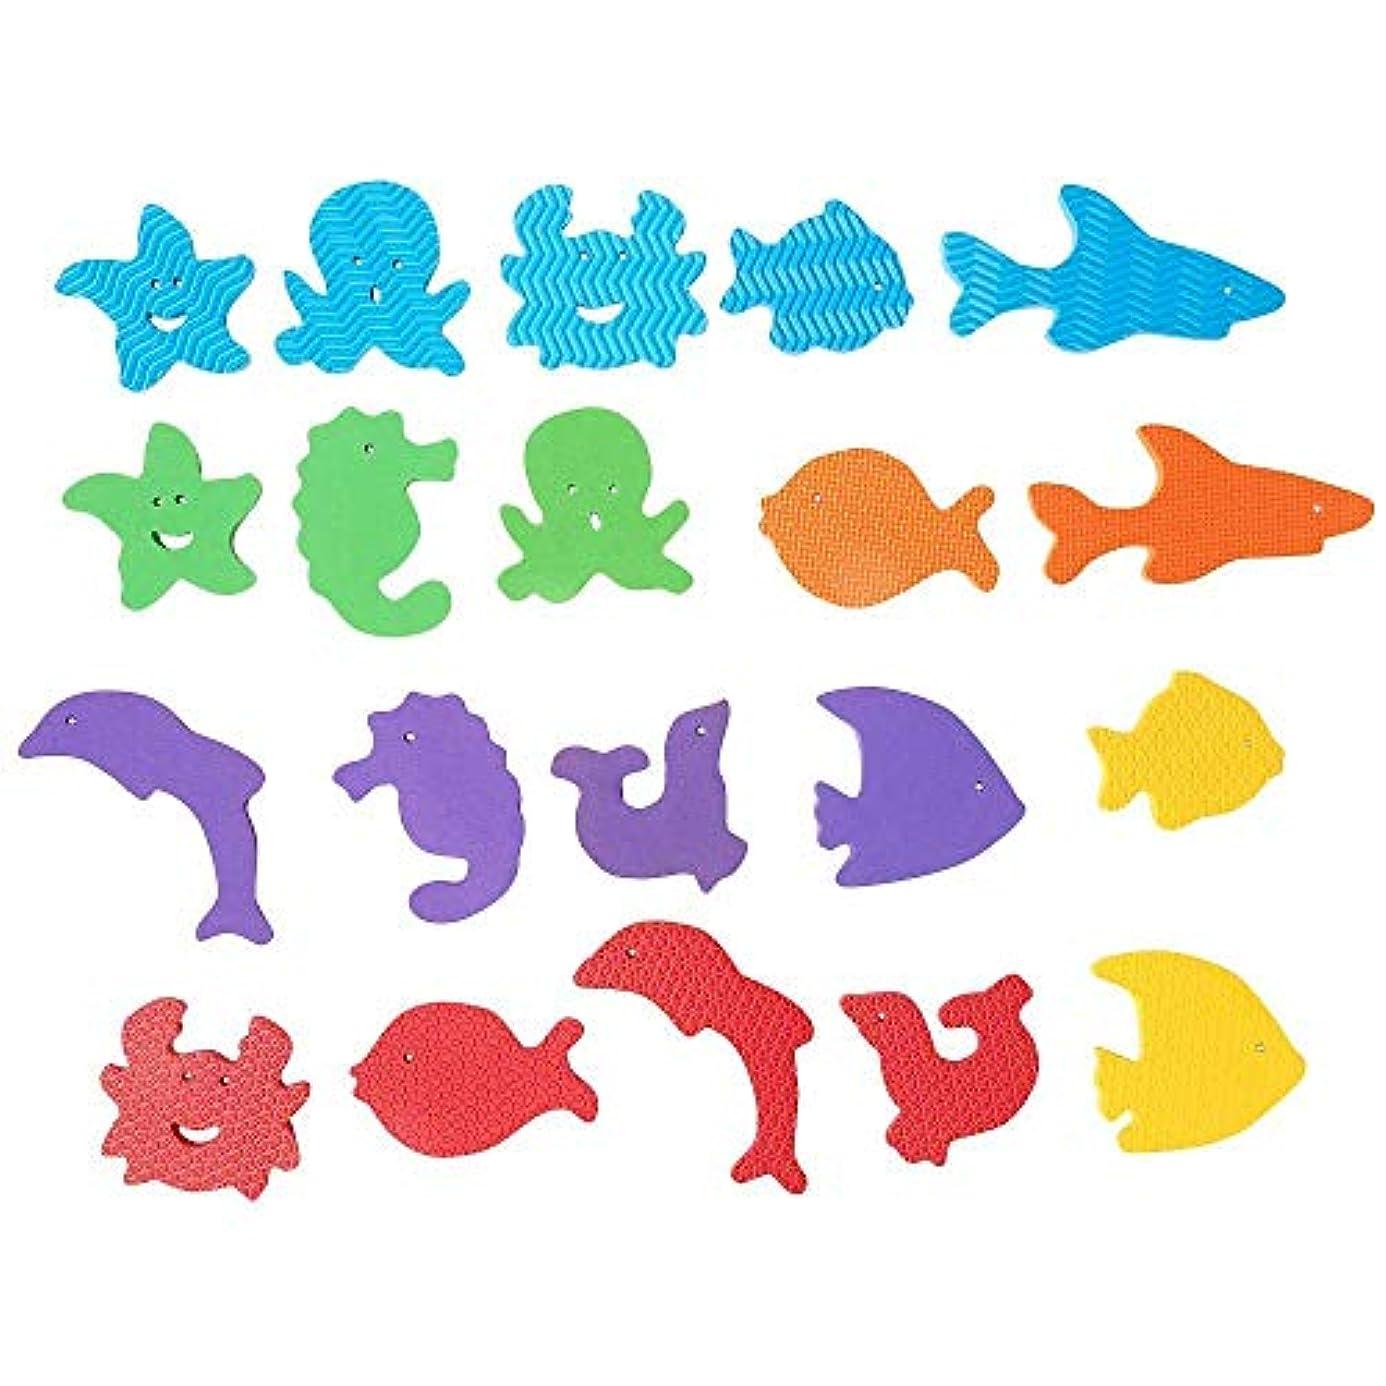 しみおじいちゃん投げるBabies R Us Foam Sea Animal Bath Set - 20 Pieces by Babies R Us [並行輸入品]